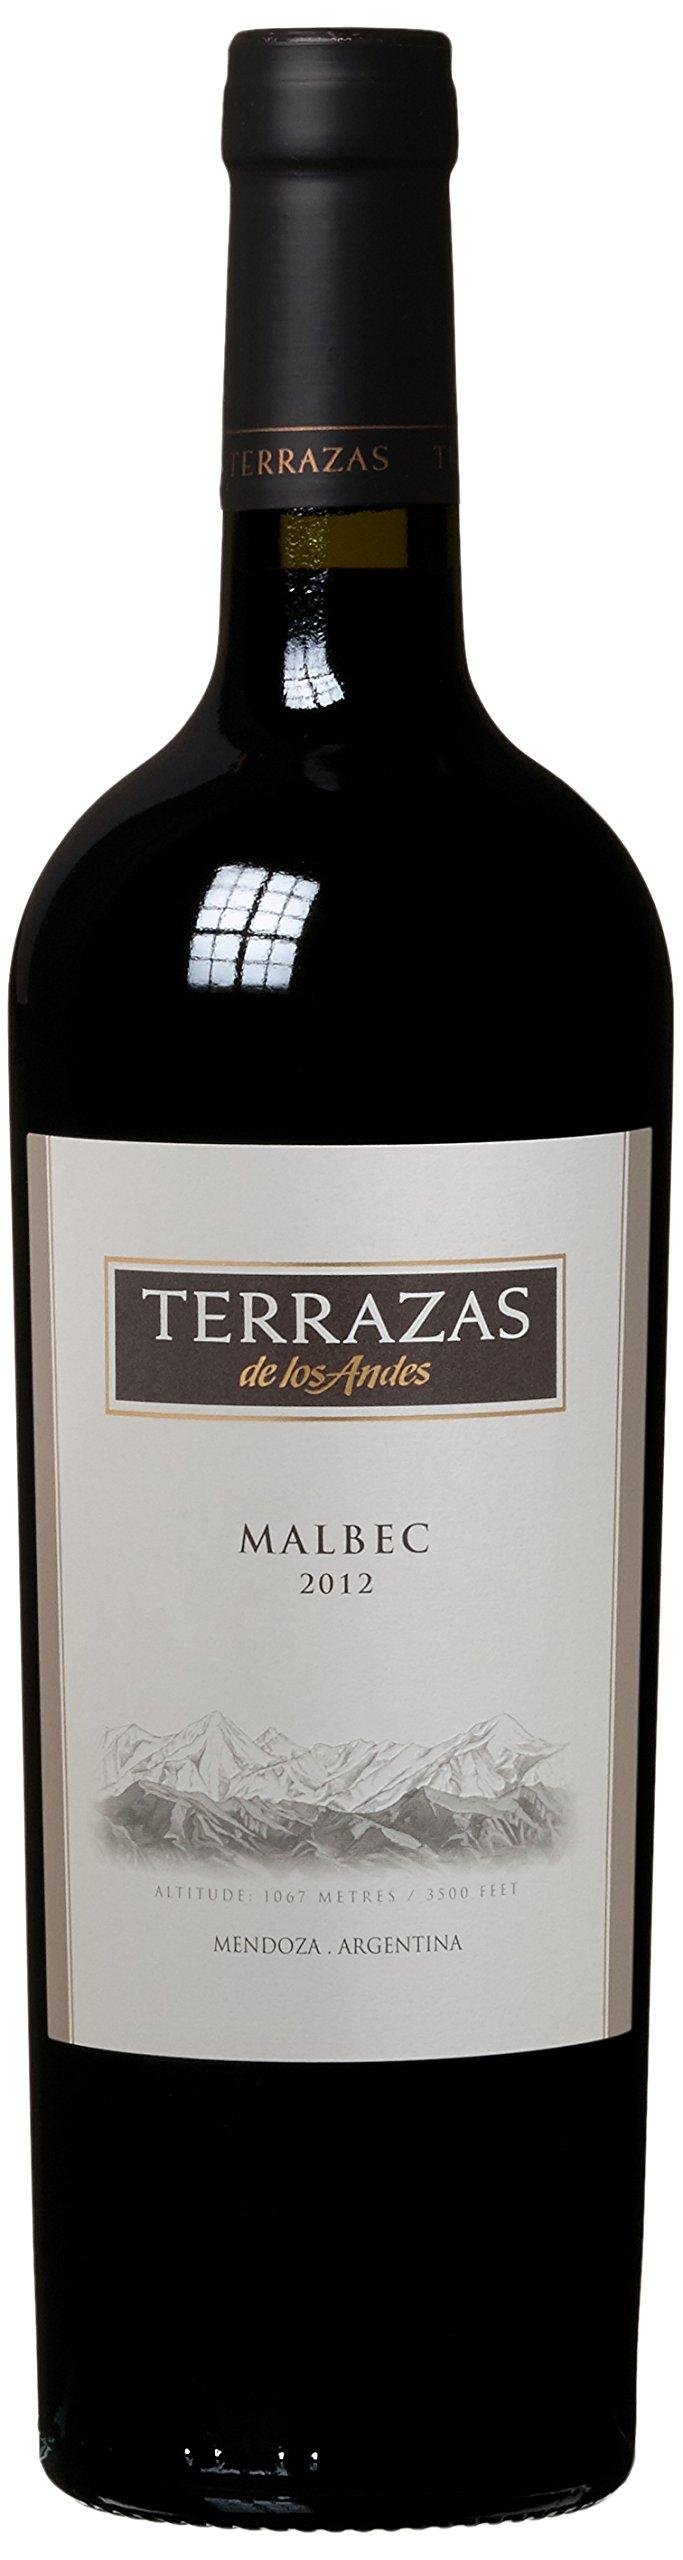 Terrazas-de-los-Andes-Malbec-20122014-trocken-1-x-075-l